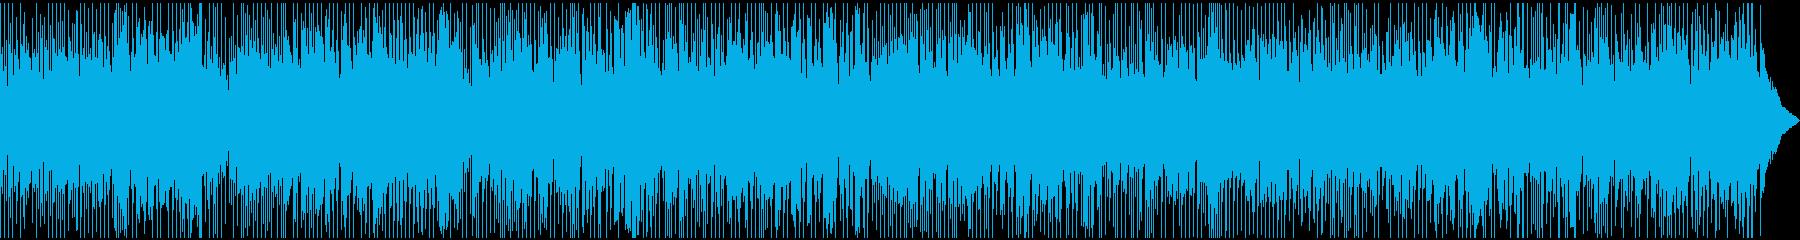 ロッキングブギーニューオーリンズの...の再生済みの波形